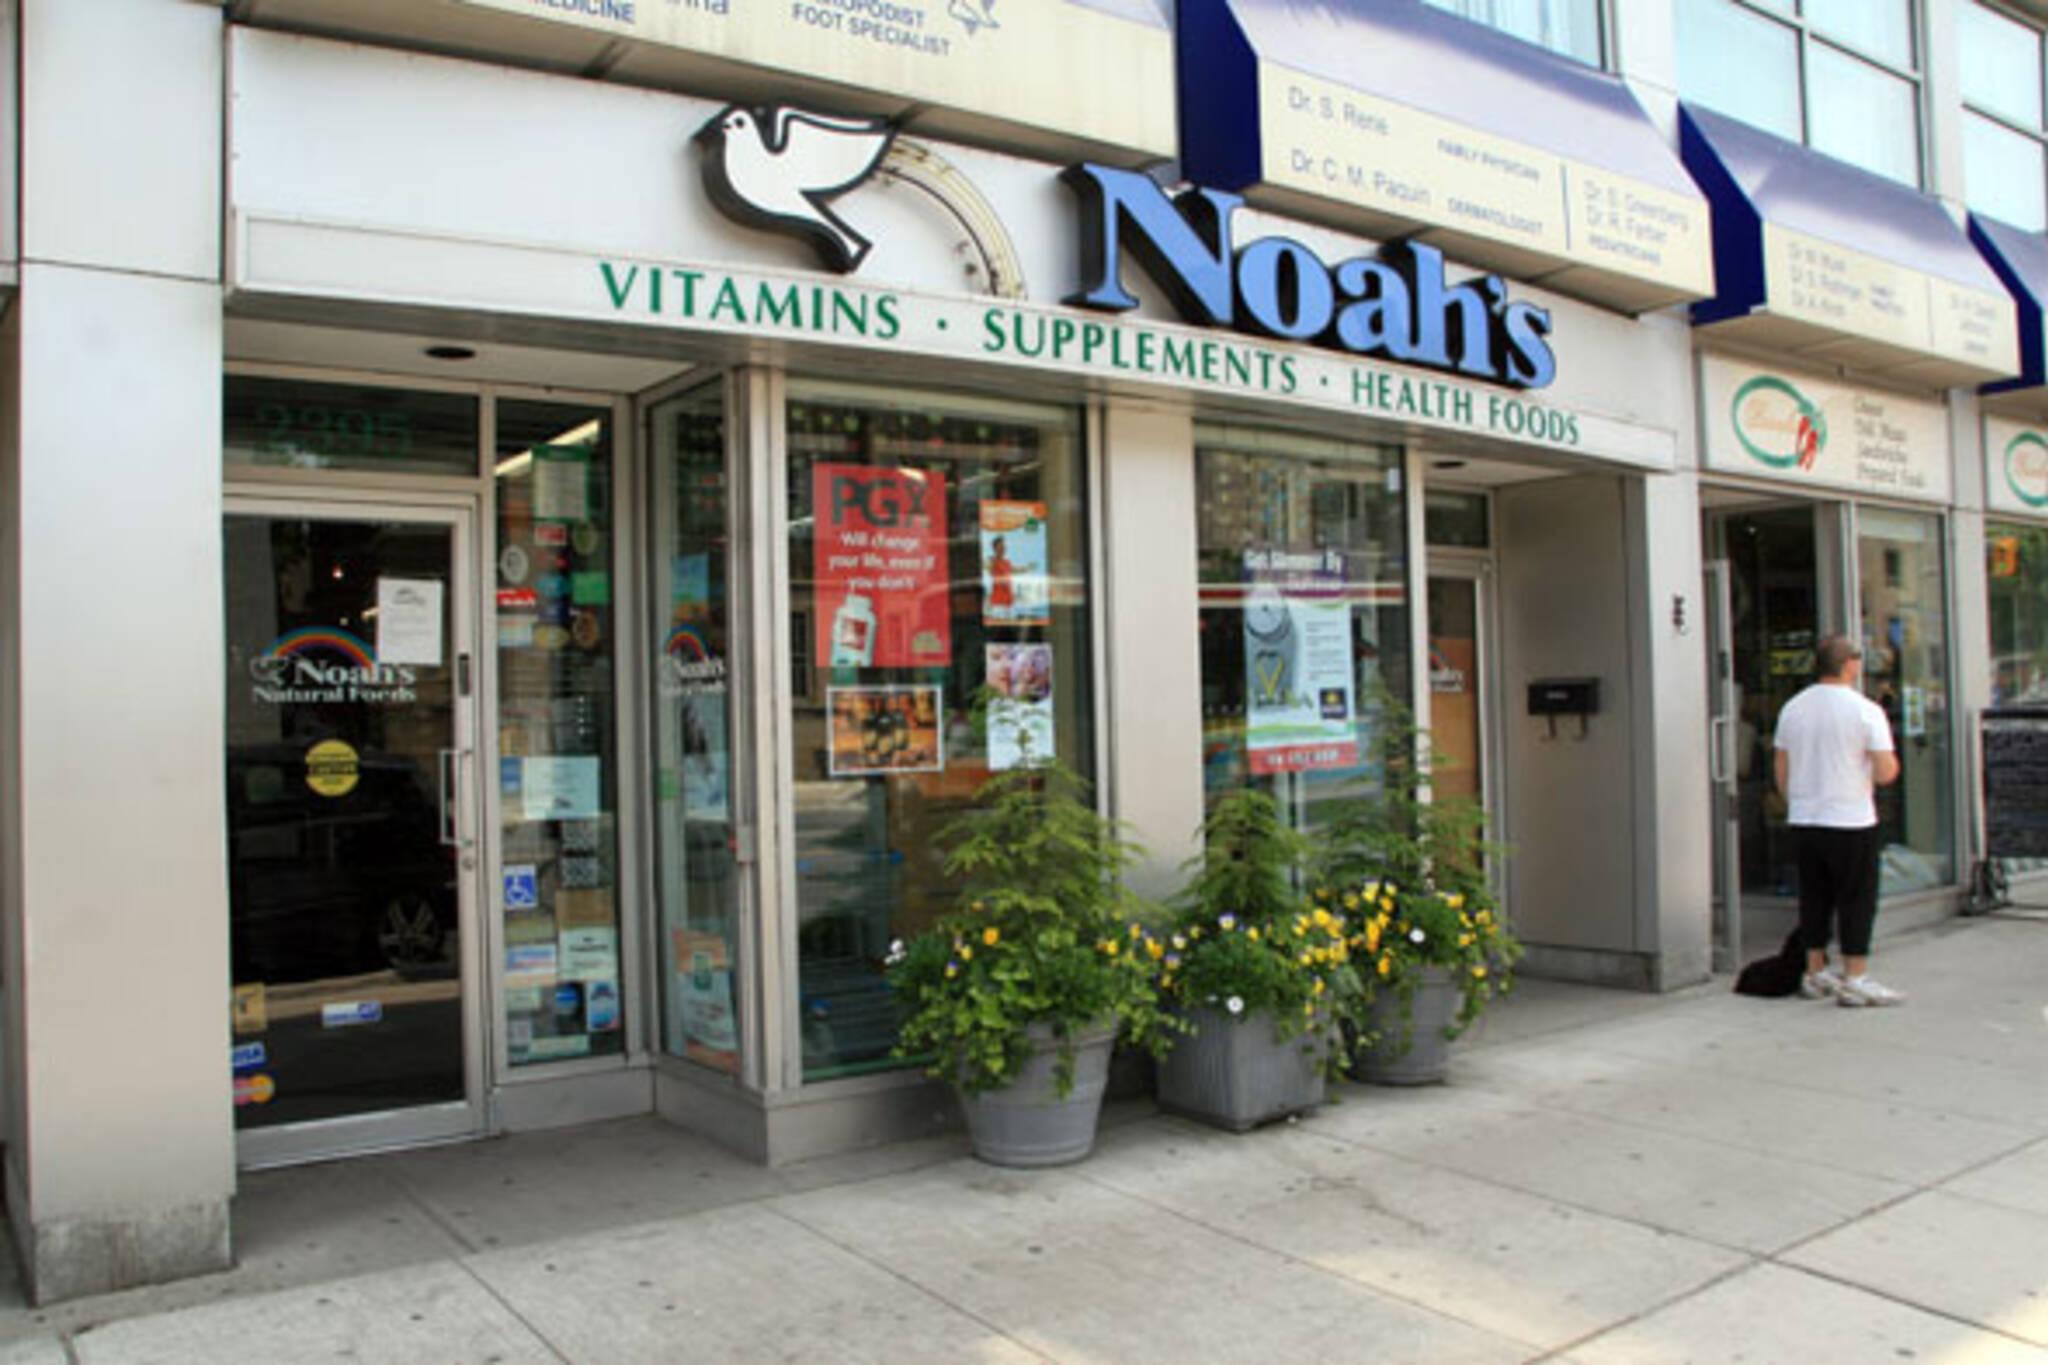 Noah's (Yonge St)